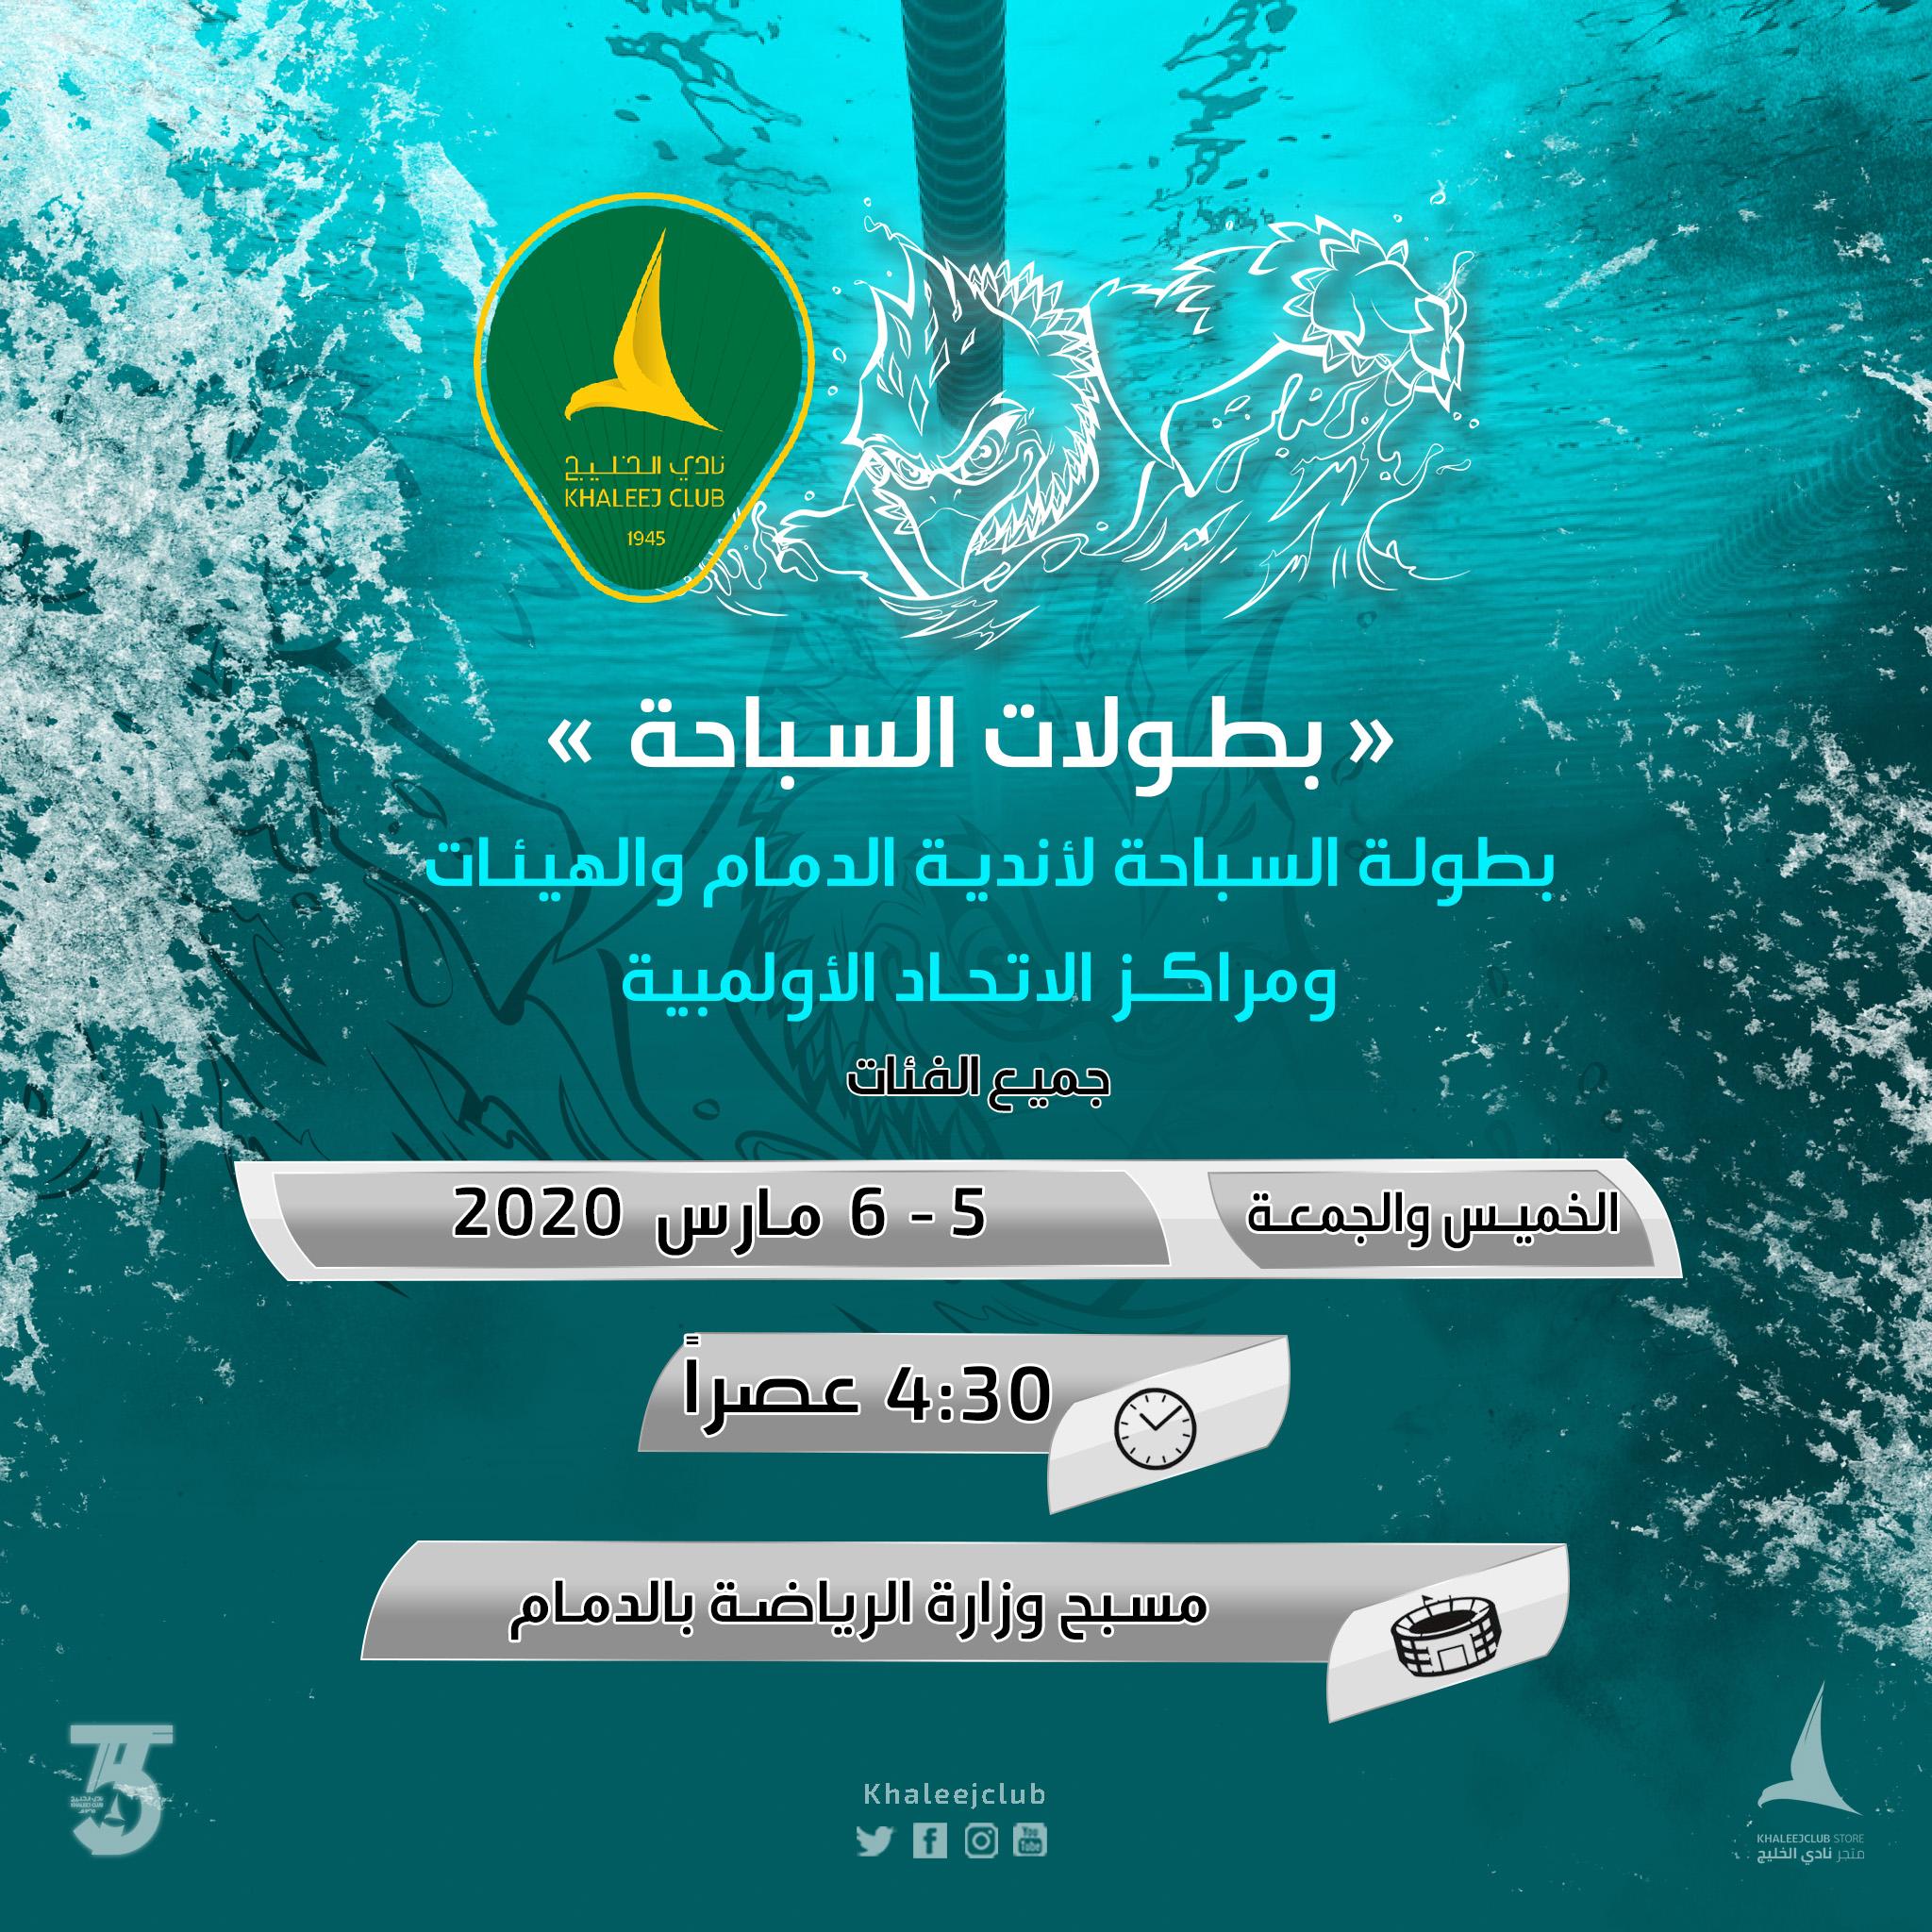 سباحو الخليج يشاركون ببطولة أندية الدمام